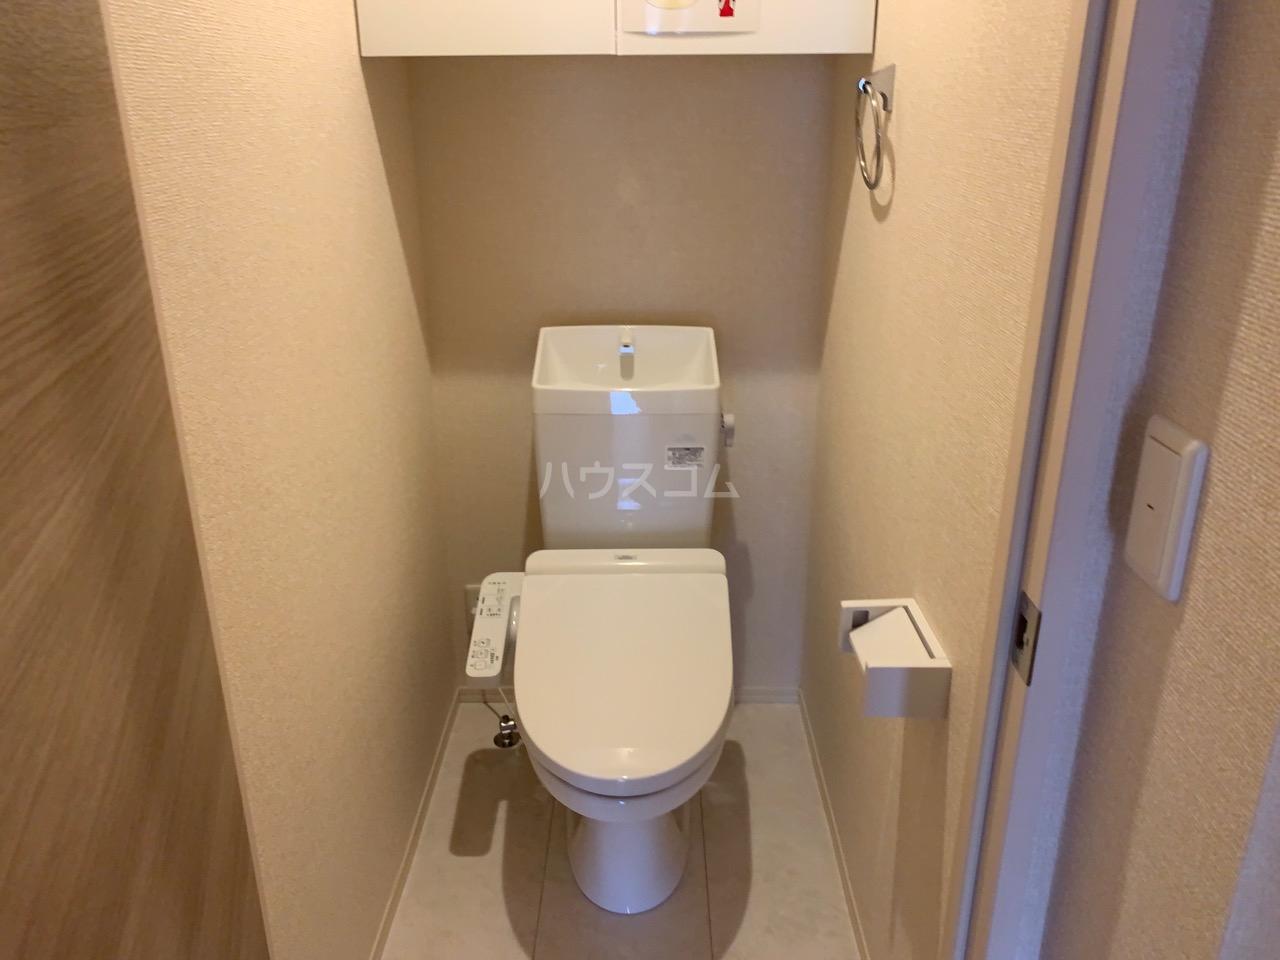 ルミエール 106号室のトイレ